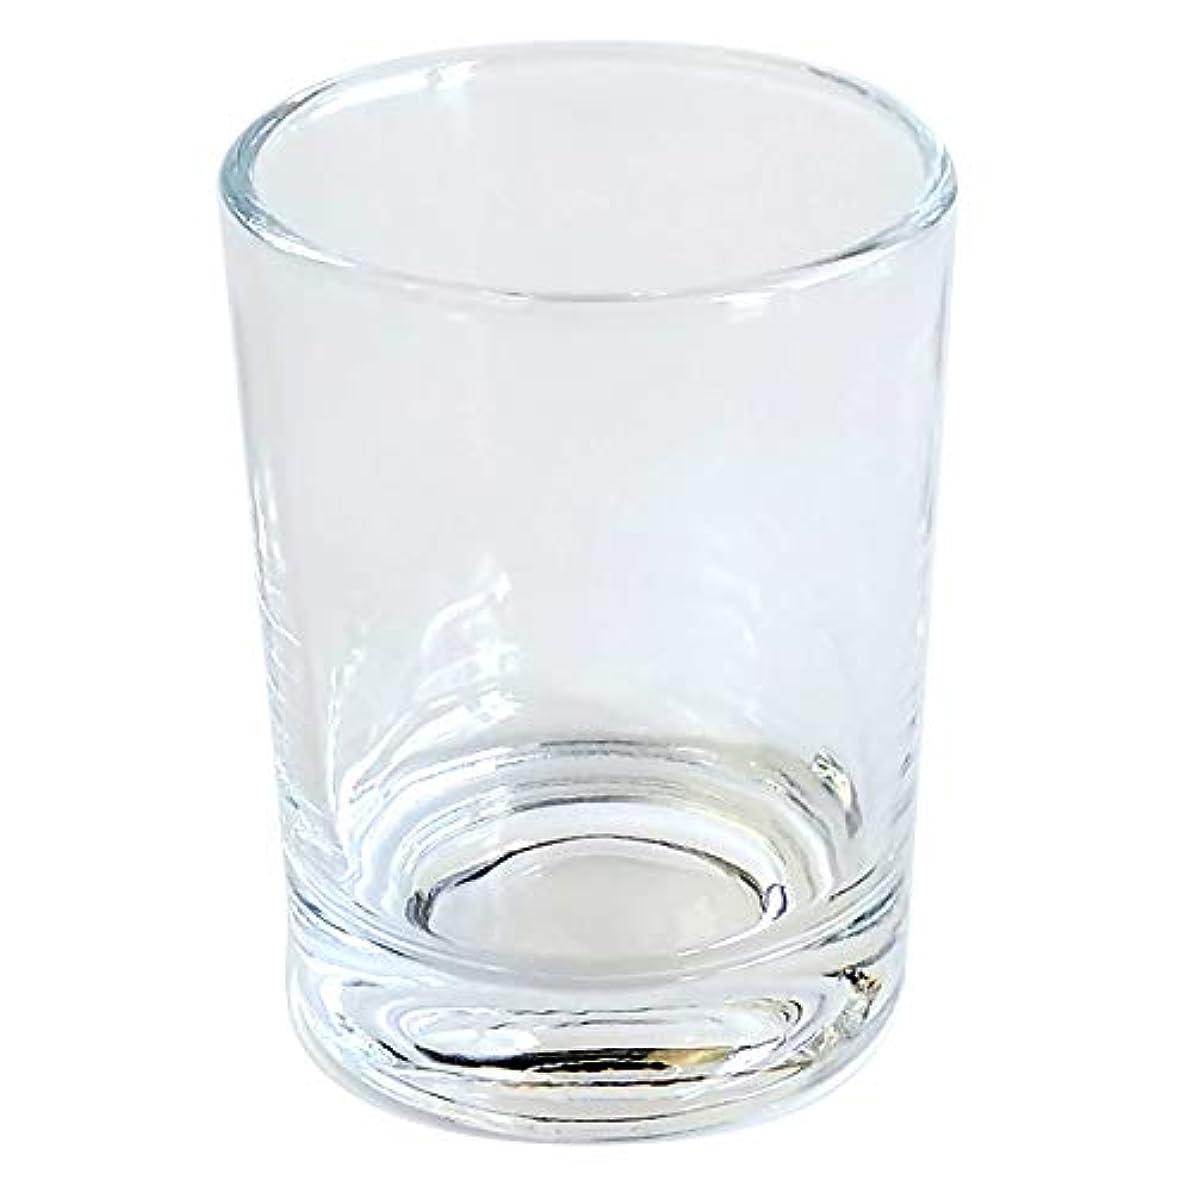 材料質量遅いキャンドルホルダー ガラス シンプル[大] 1個 キャンドルスタンド ろうそく立て おしゃれ